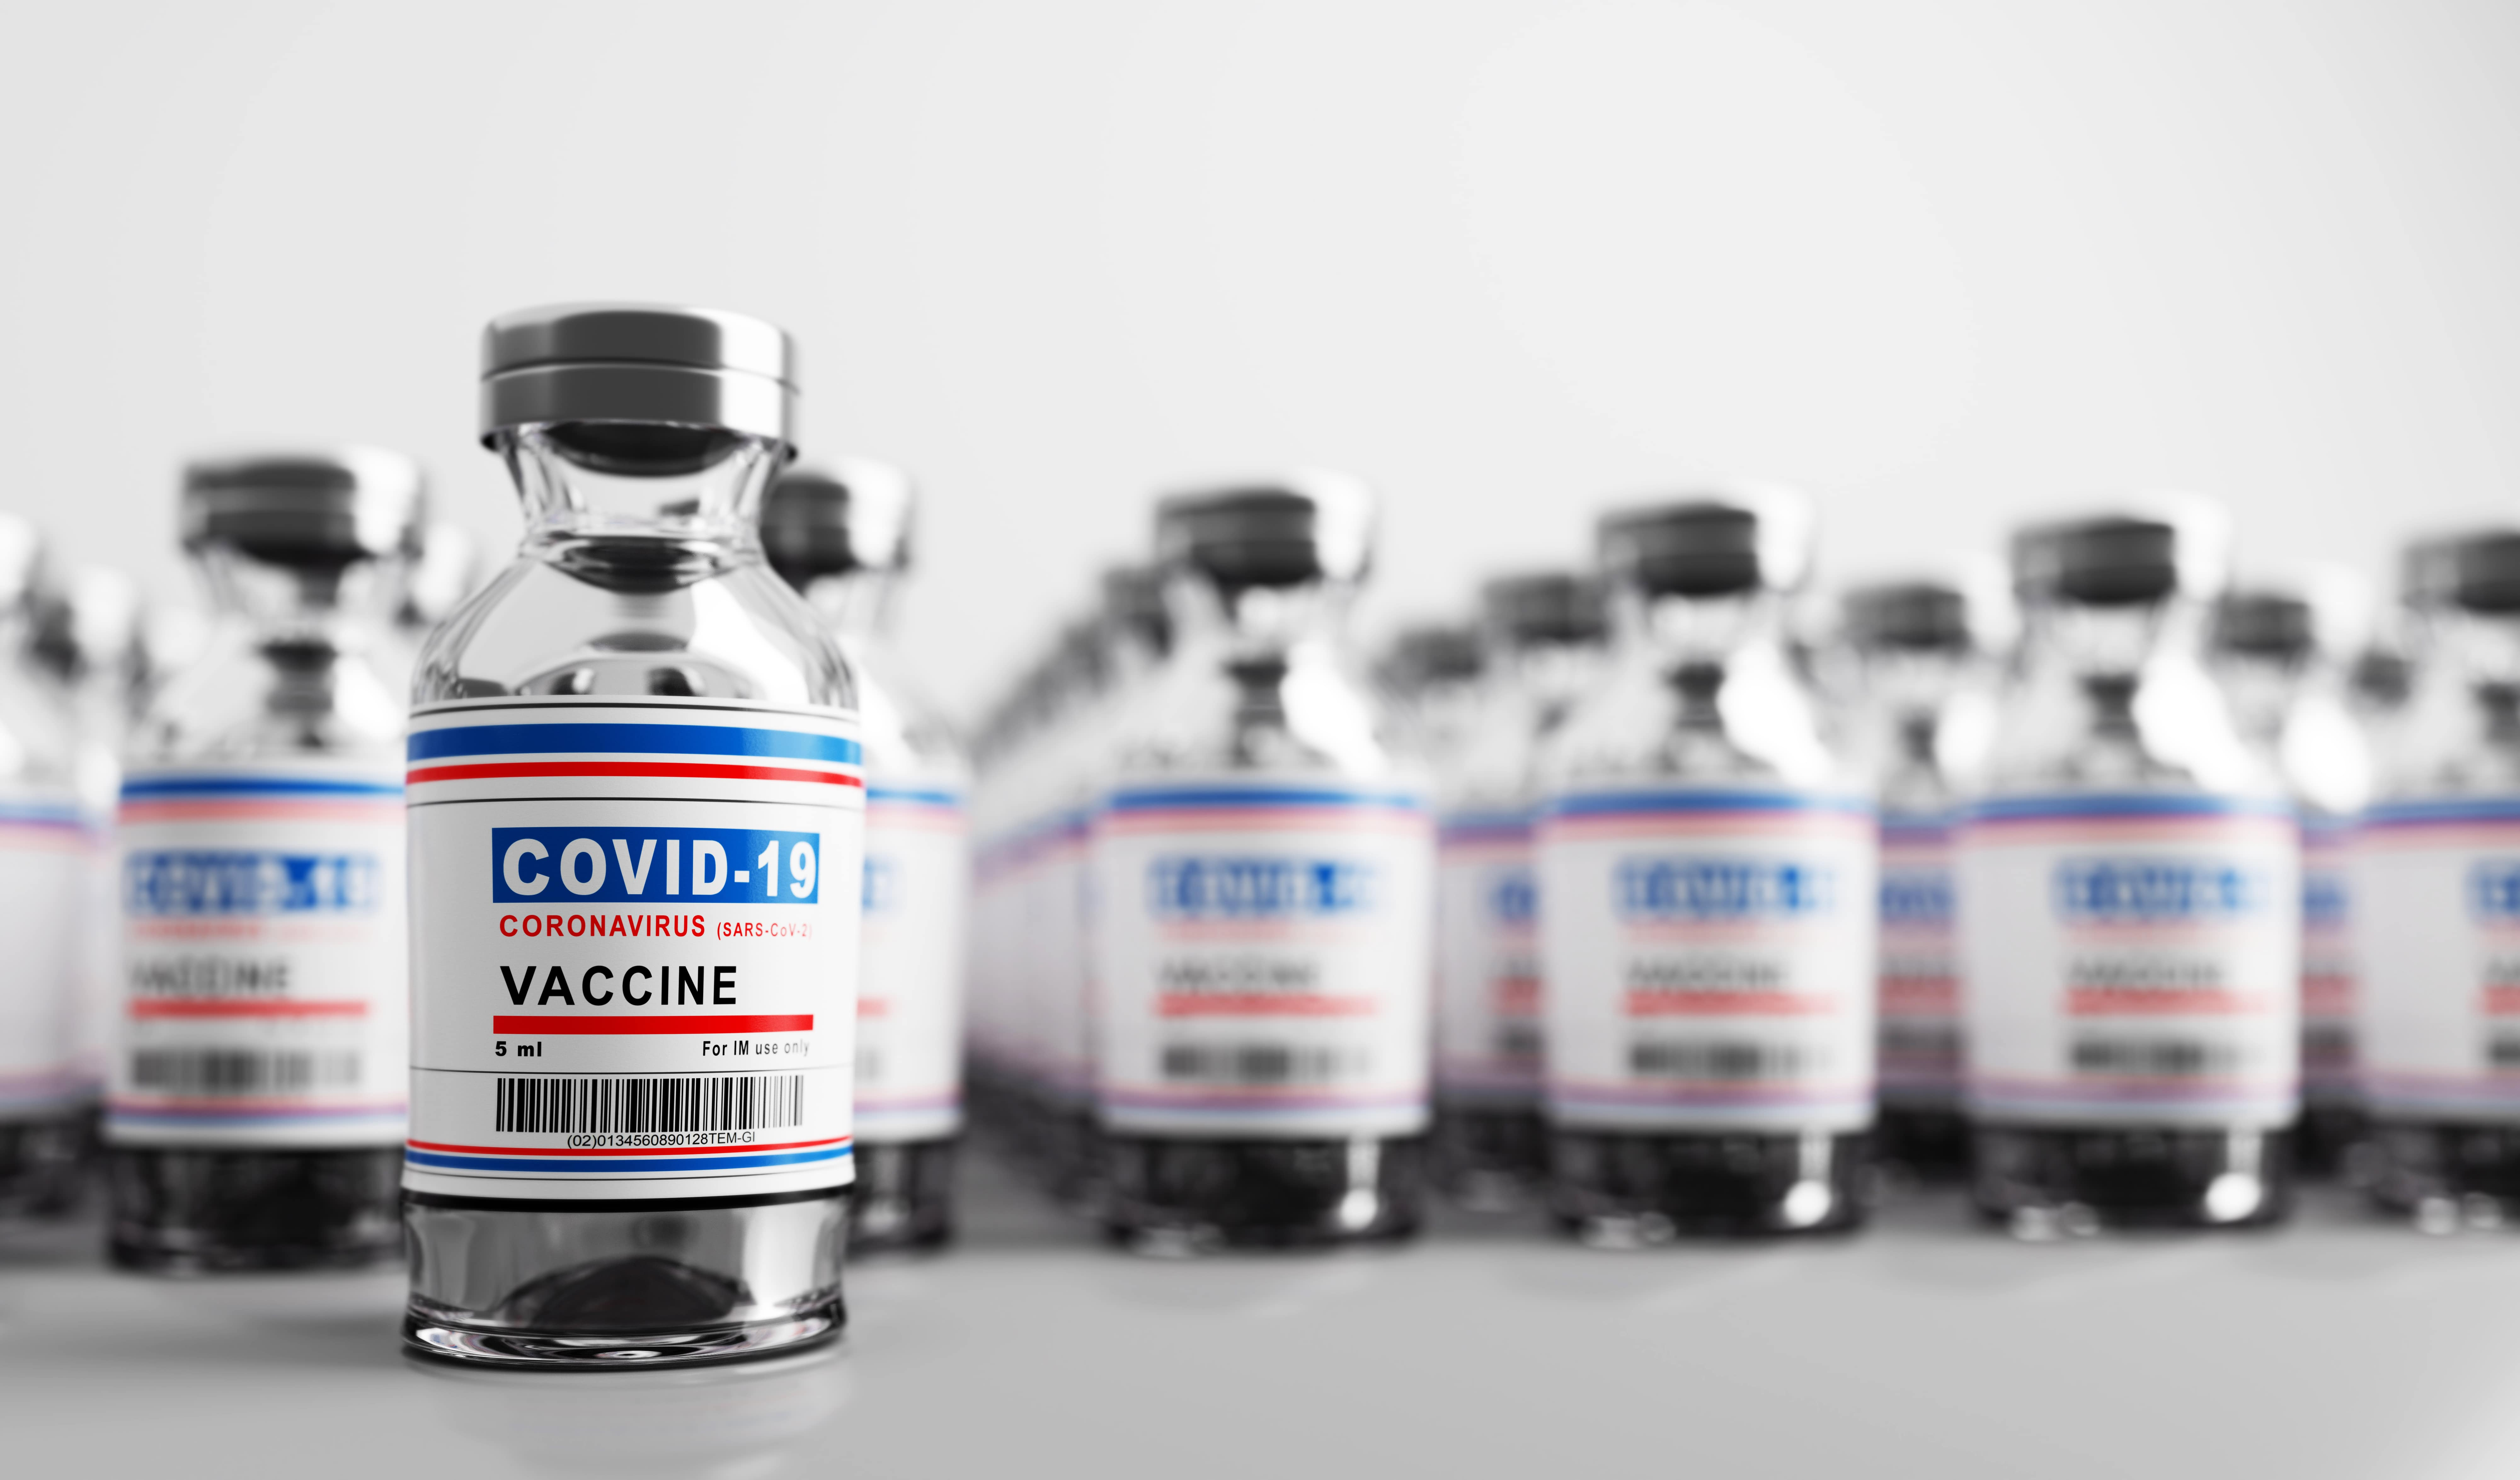 Impfstoff ist Mangelware